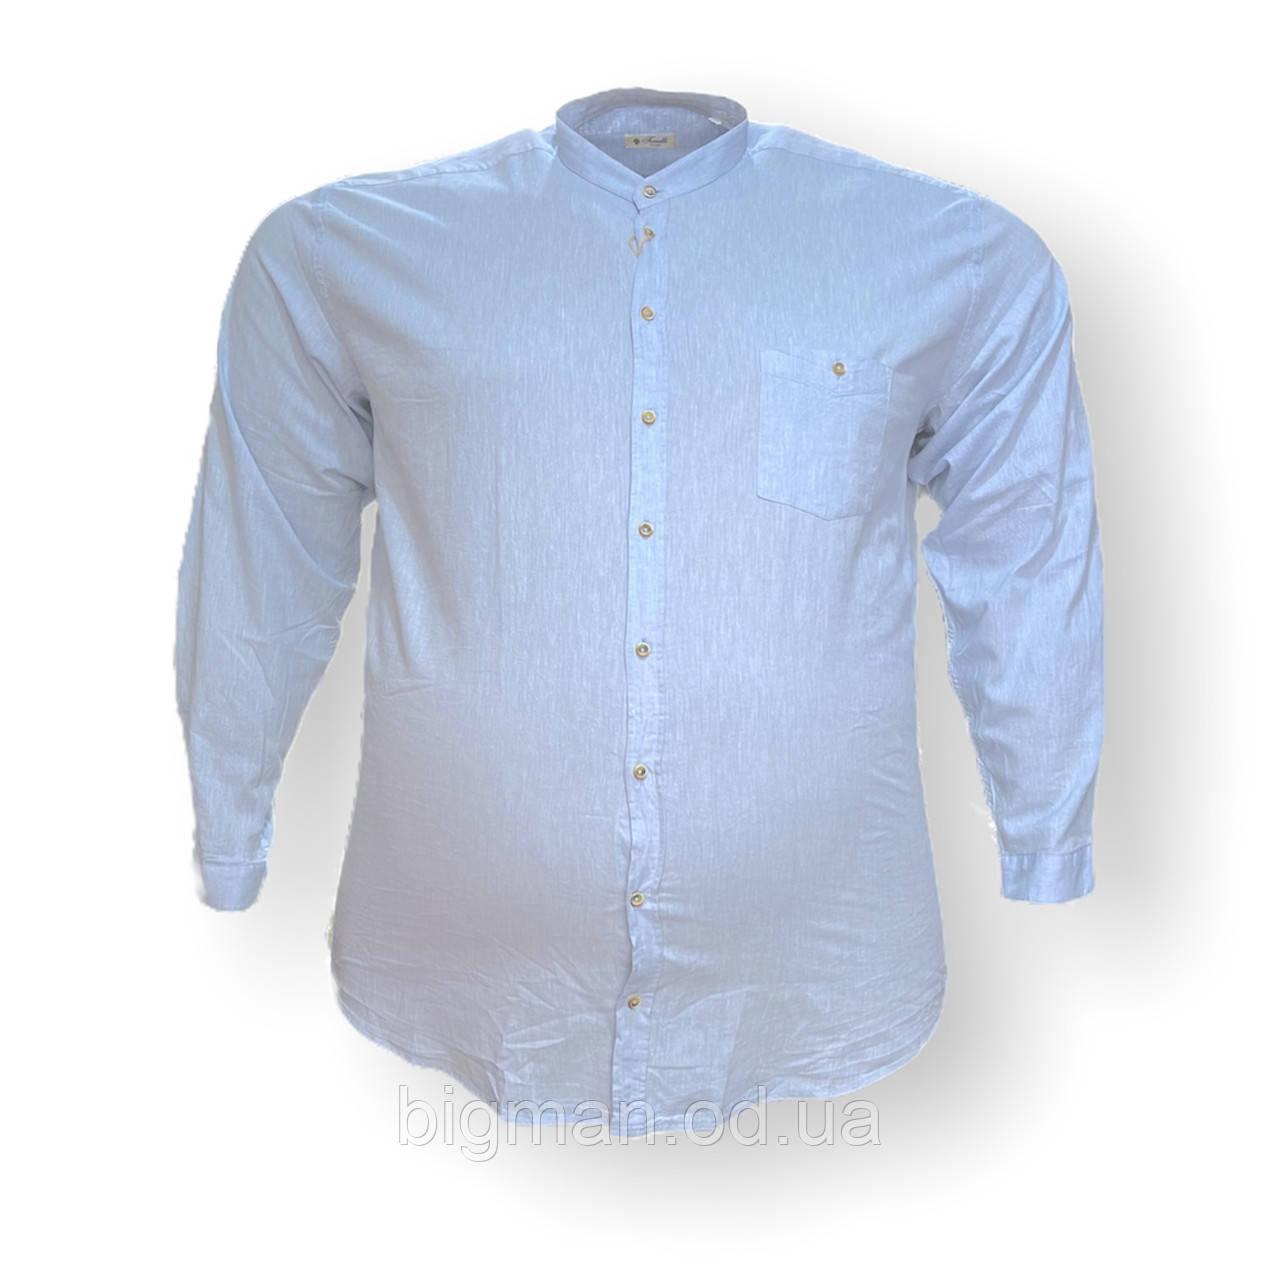 Чоловіча льон сорочка з довгим рукавом Tonelli 16075 2XL 3XL 4XL 5XL блакитна великі розміри батал Туреччина